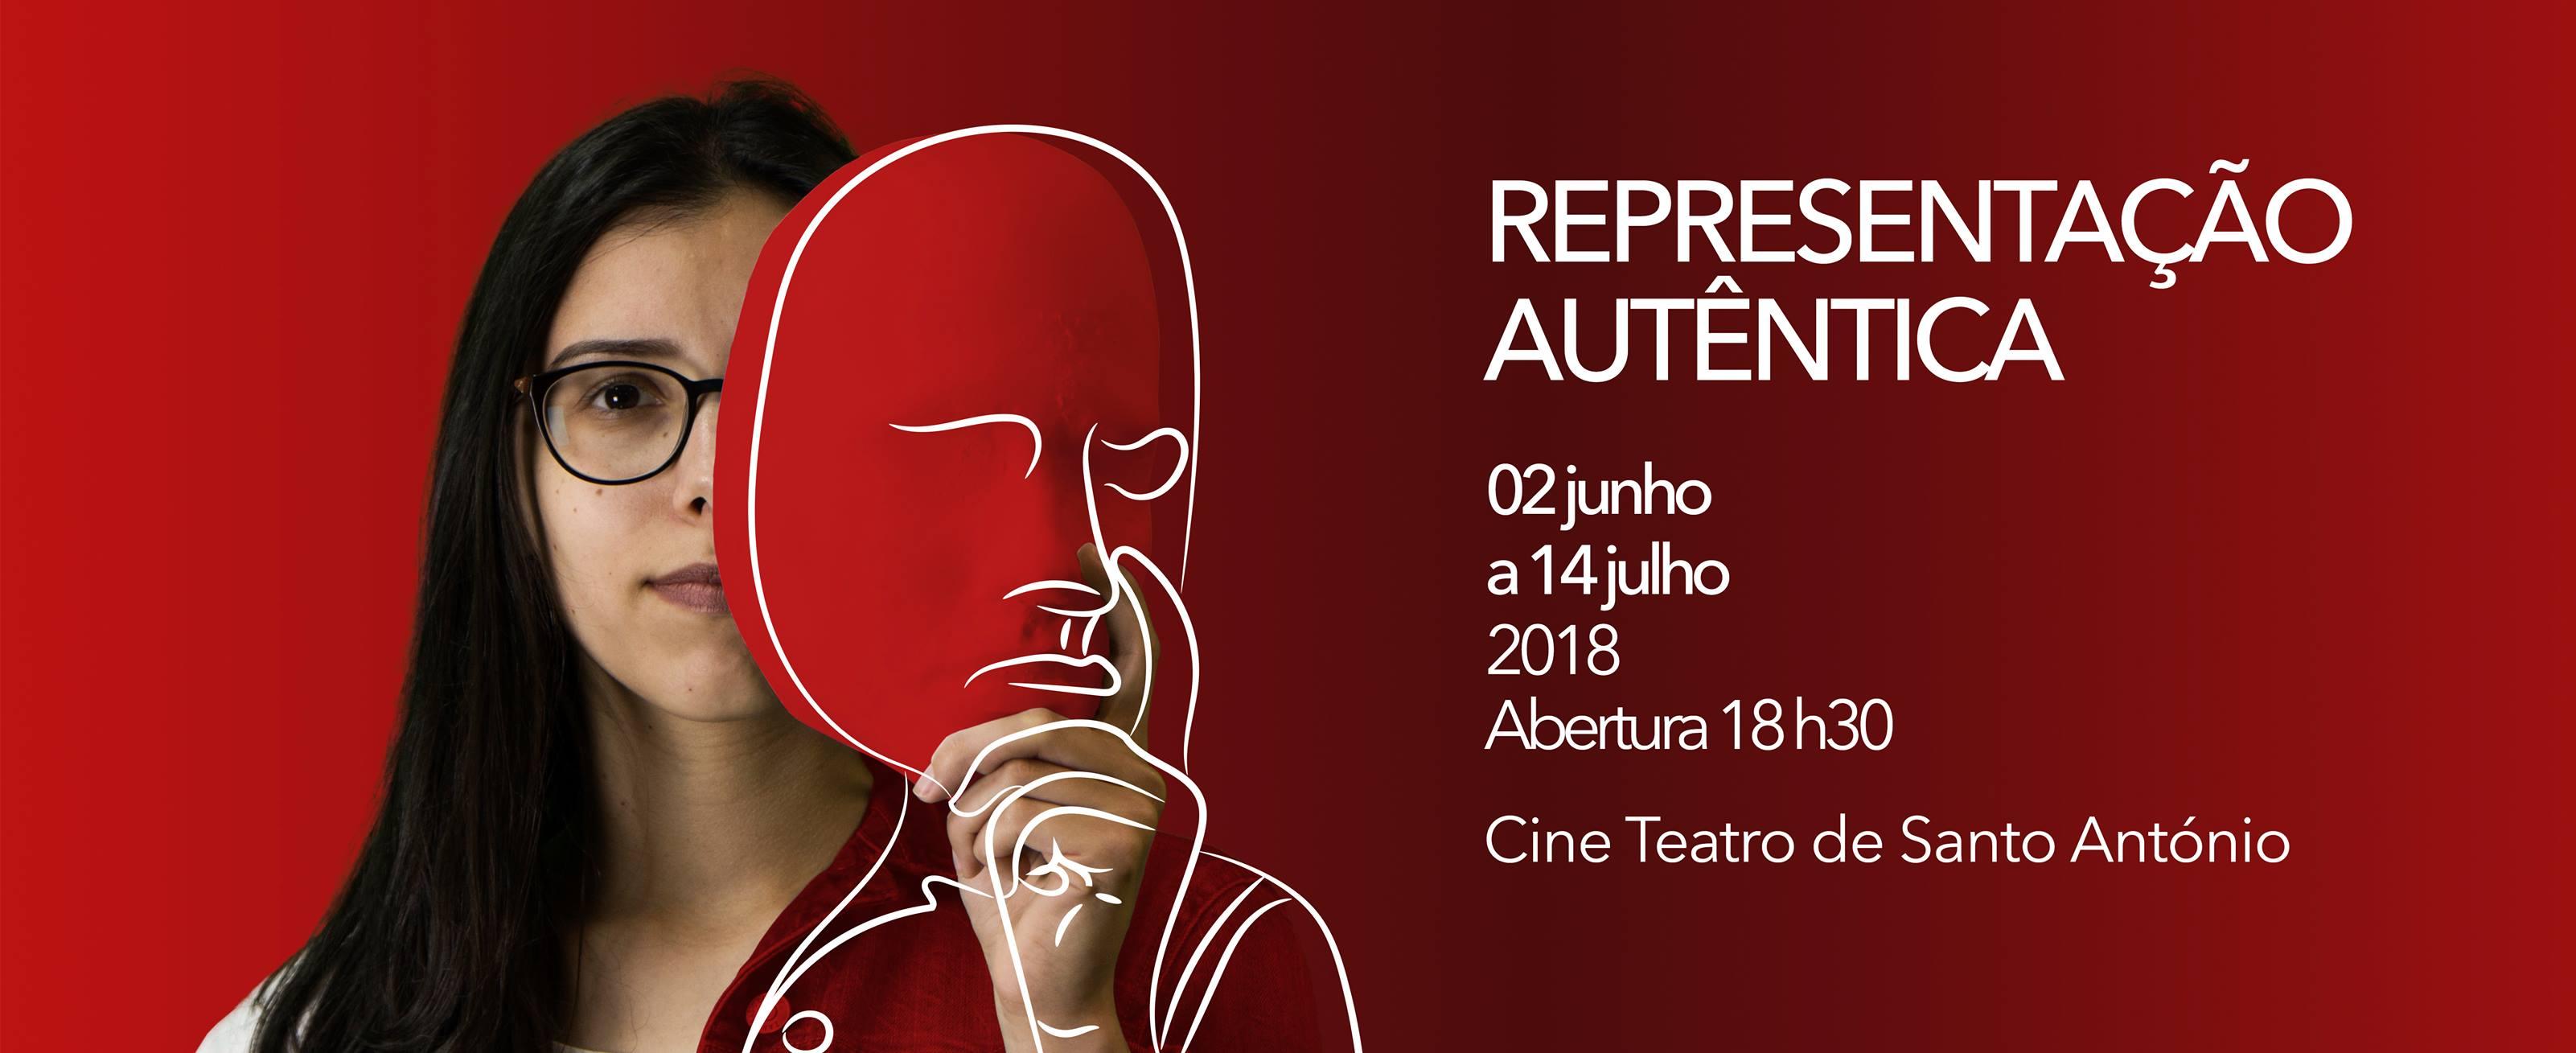 representacao_autentica_01